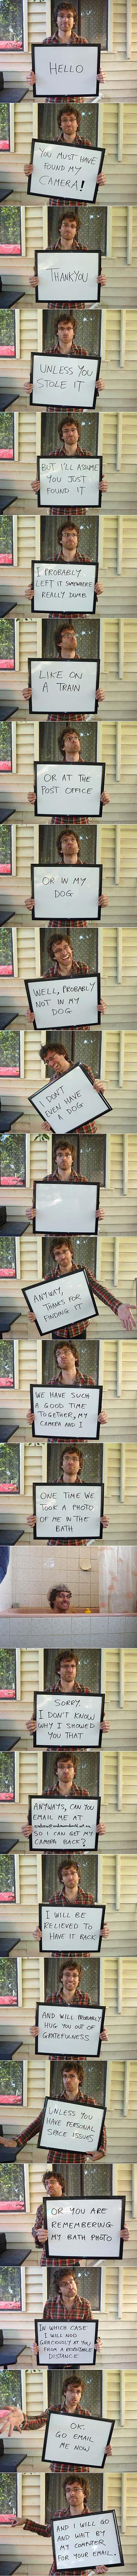 This did make me smile.